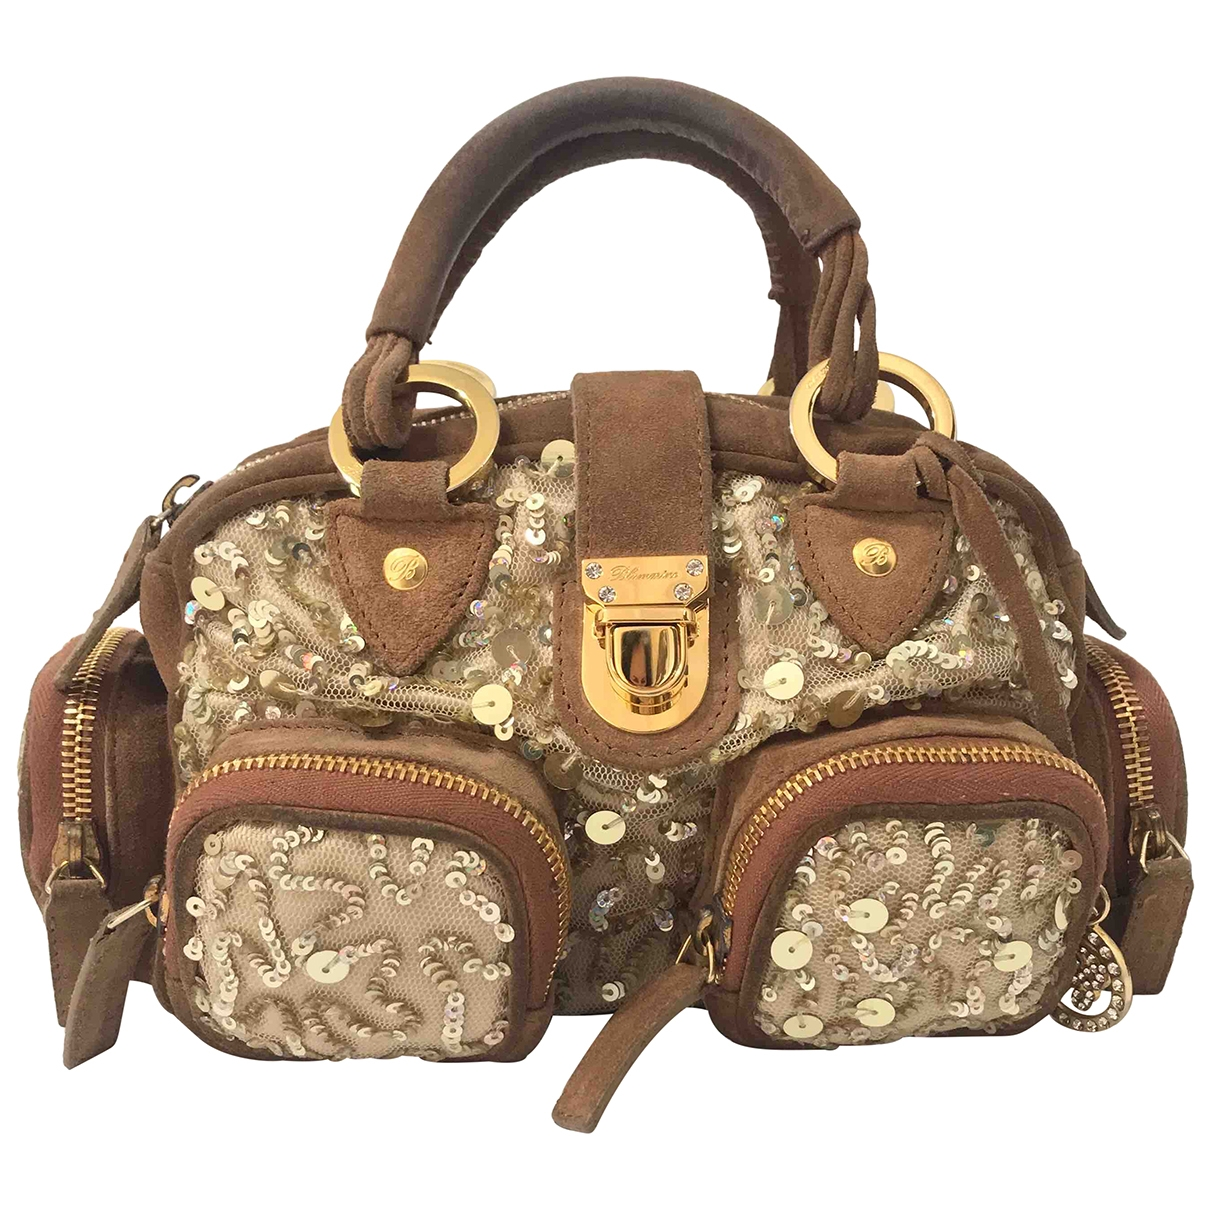 Blumarine \N Handtasche in  Beige Synthetik